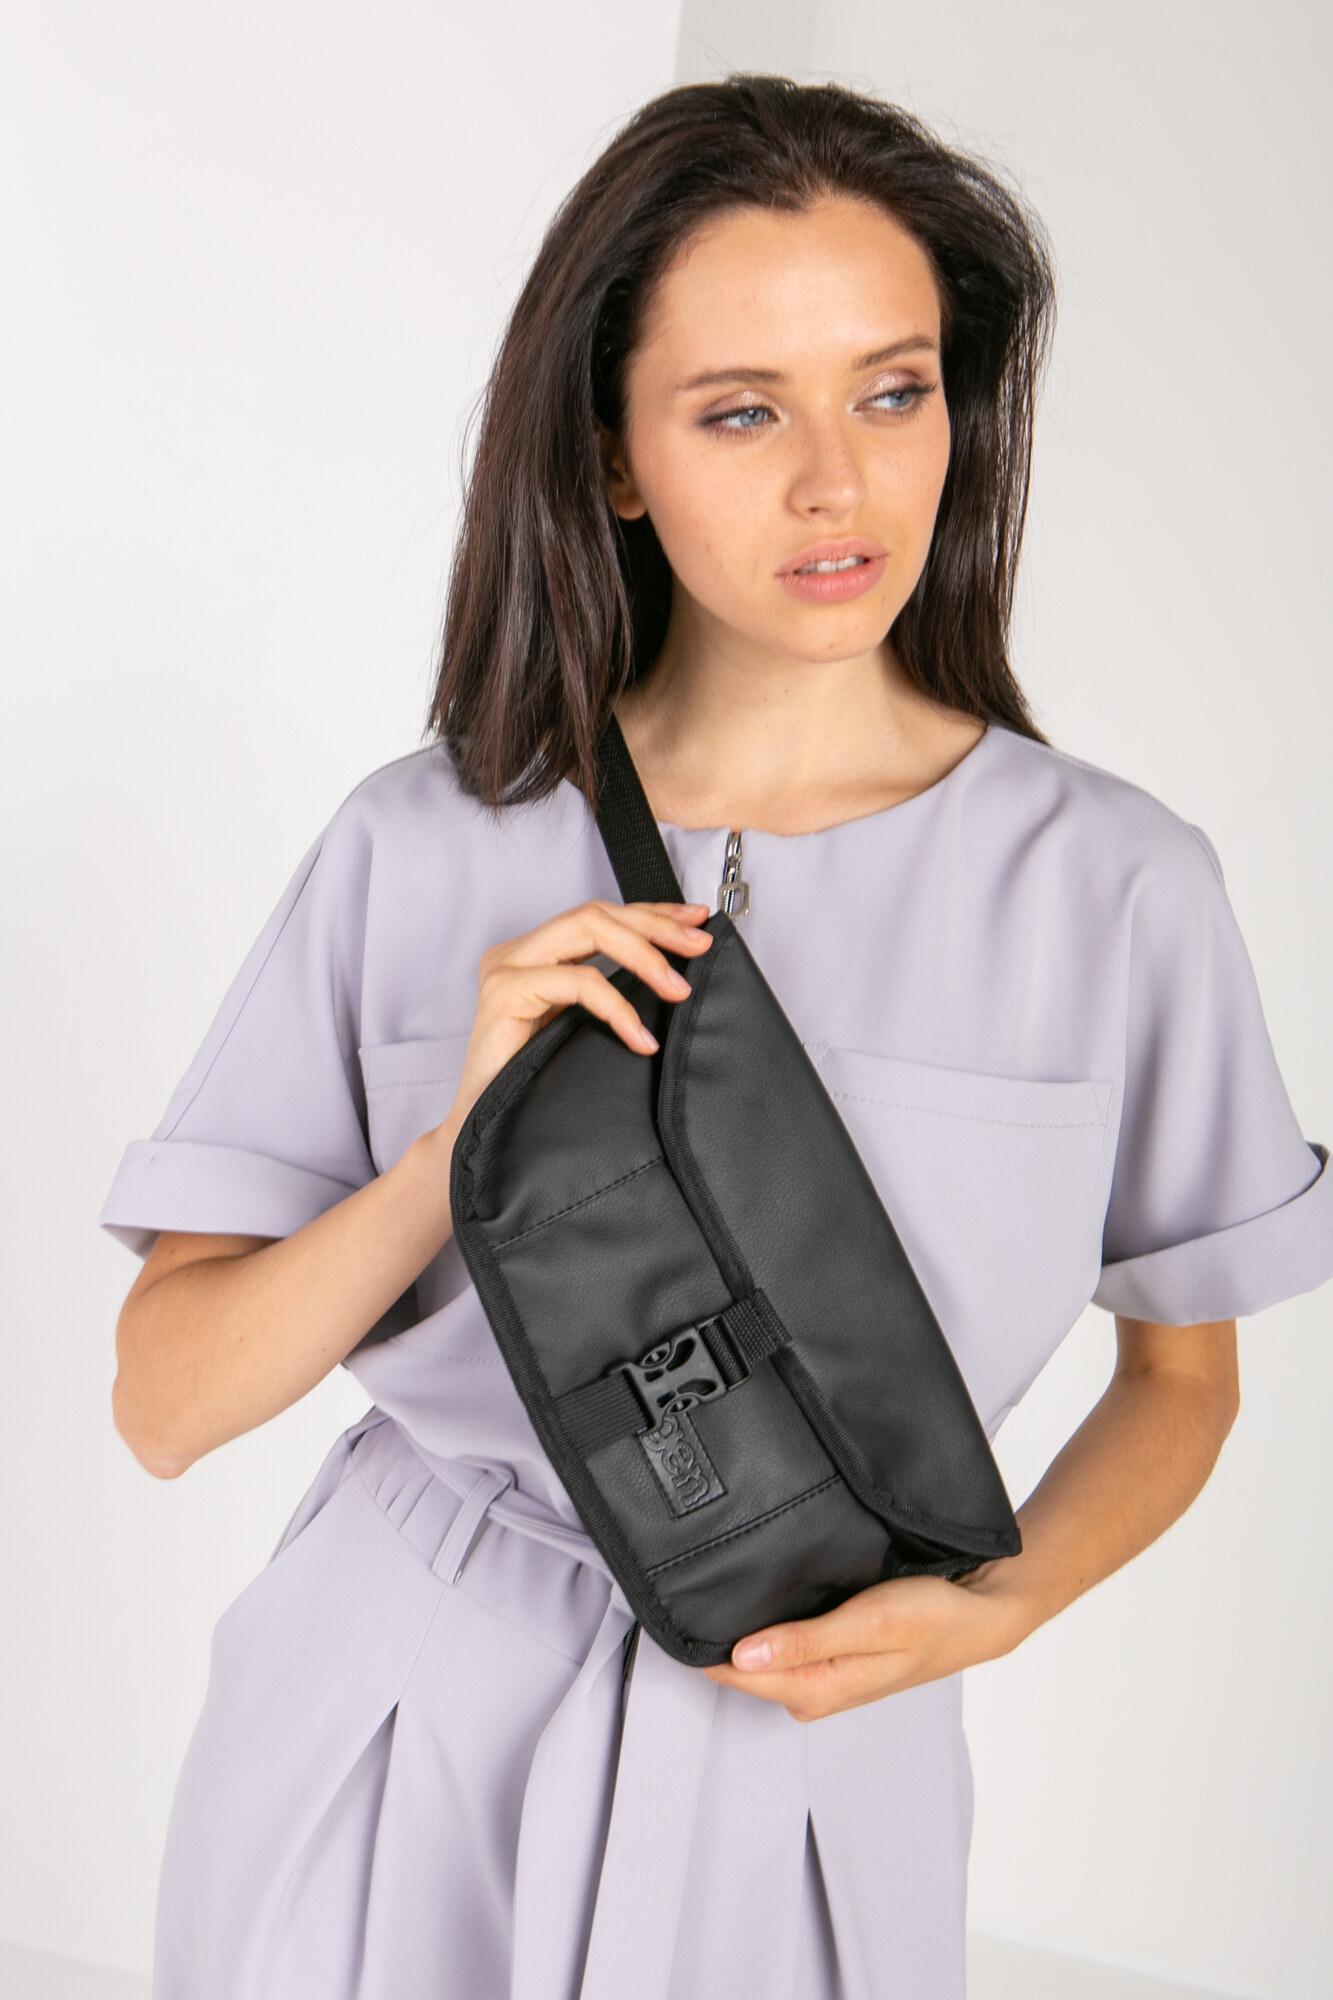 Прямоугольная сумка на пояс бананка черного цвета с клапаном